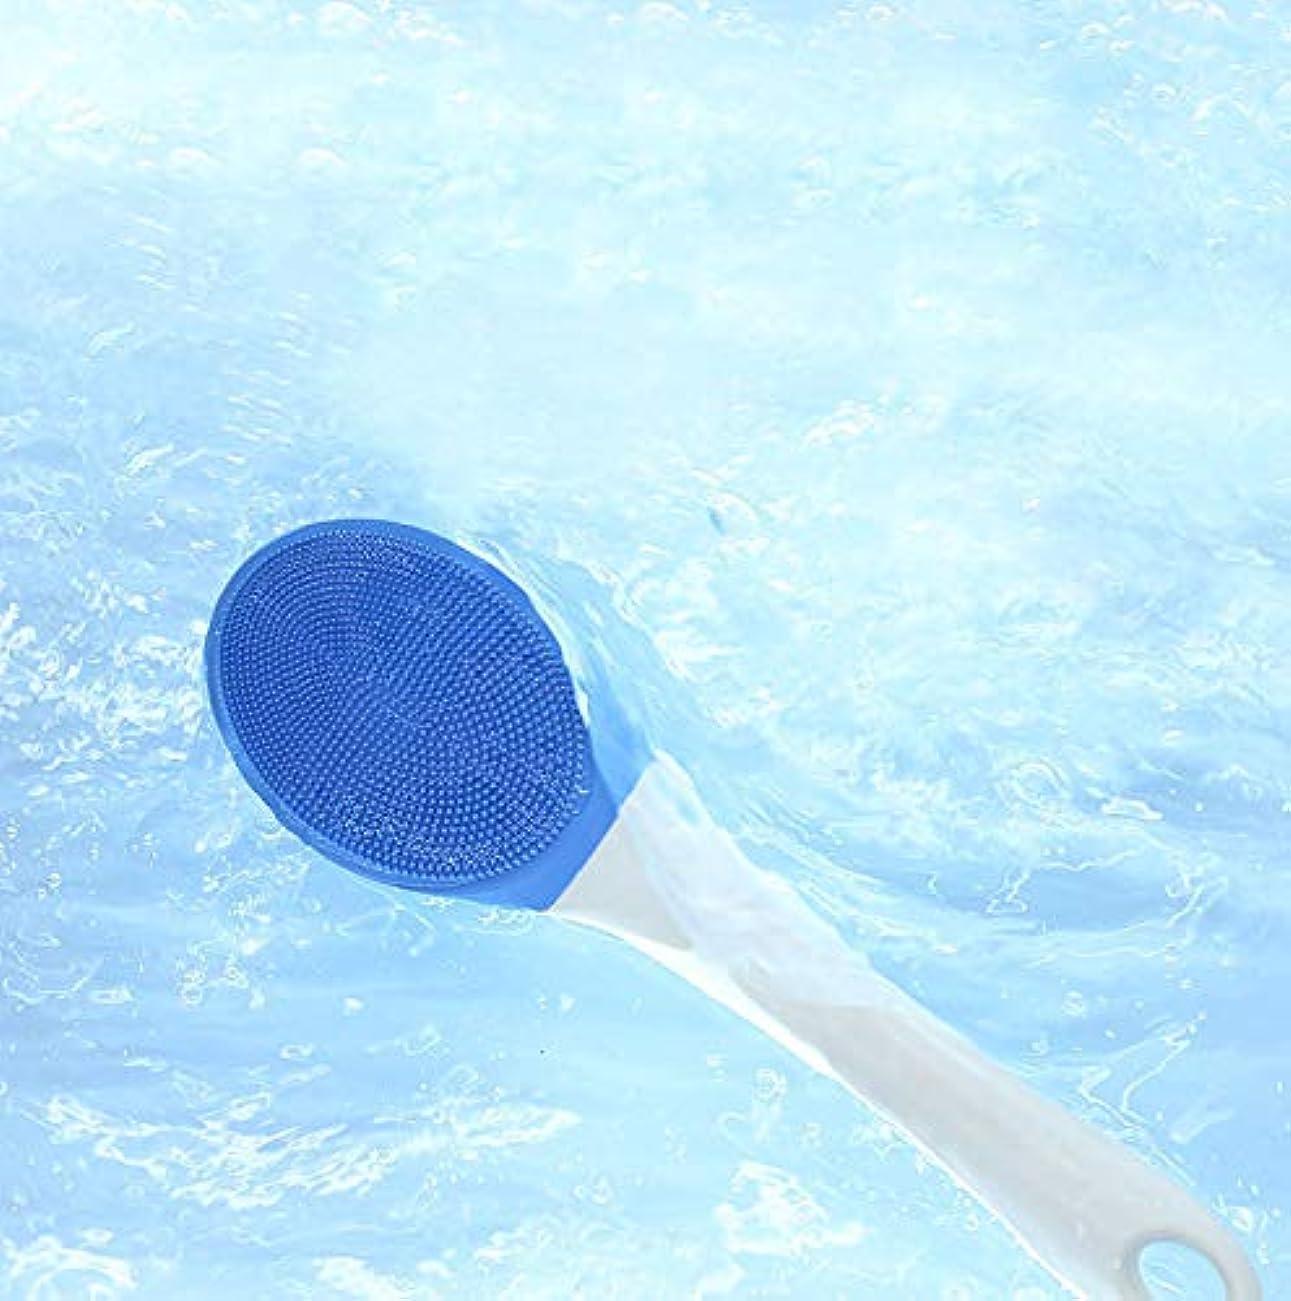 挑発するパテその電気バスブラシ、防水ボディ、洗顔ブラシロングハンドルソニック電動スクラバーディープクリーニング用3スピード調整可能なパルス振動,Blue